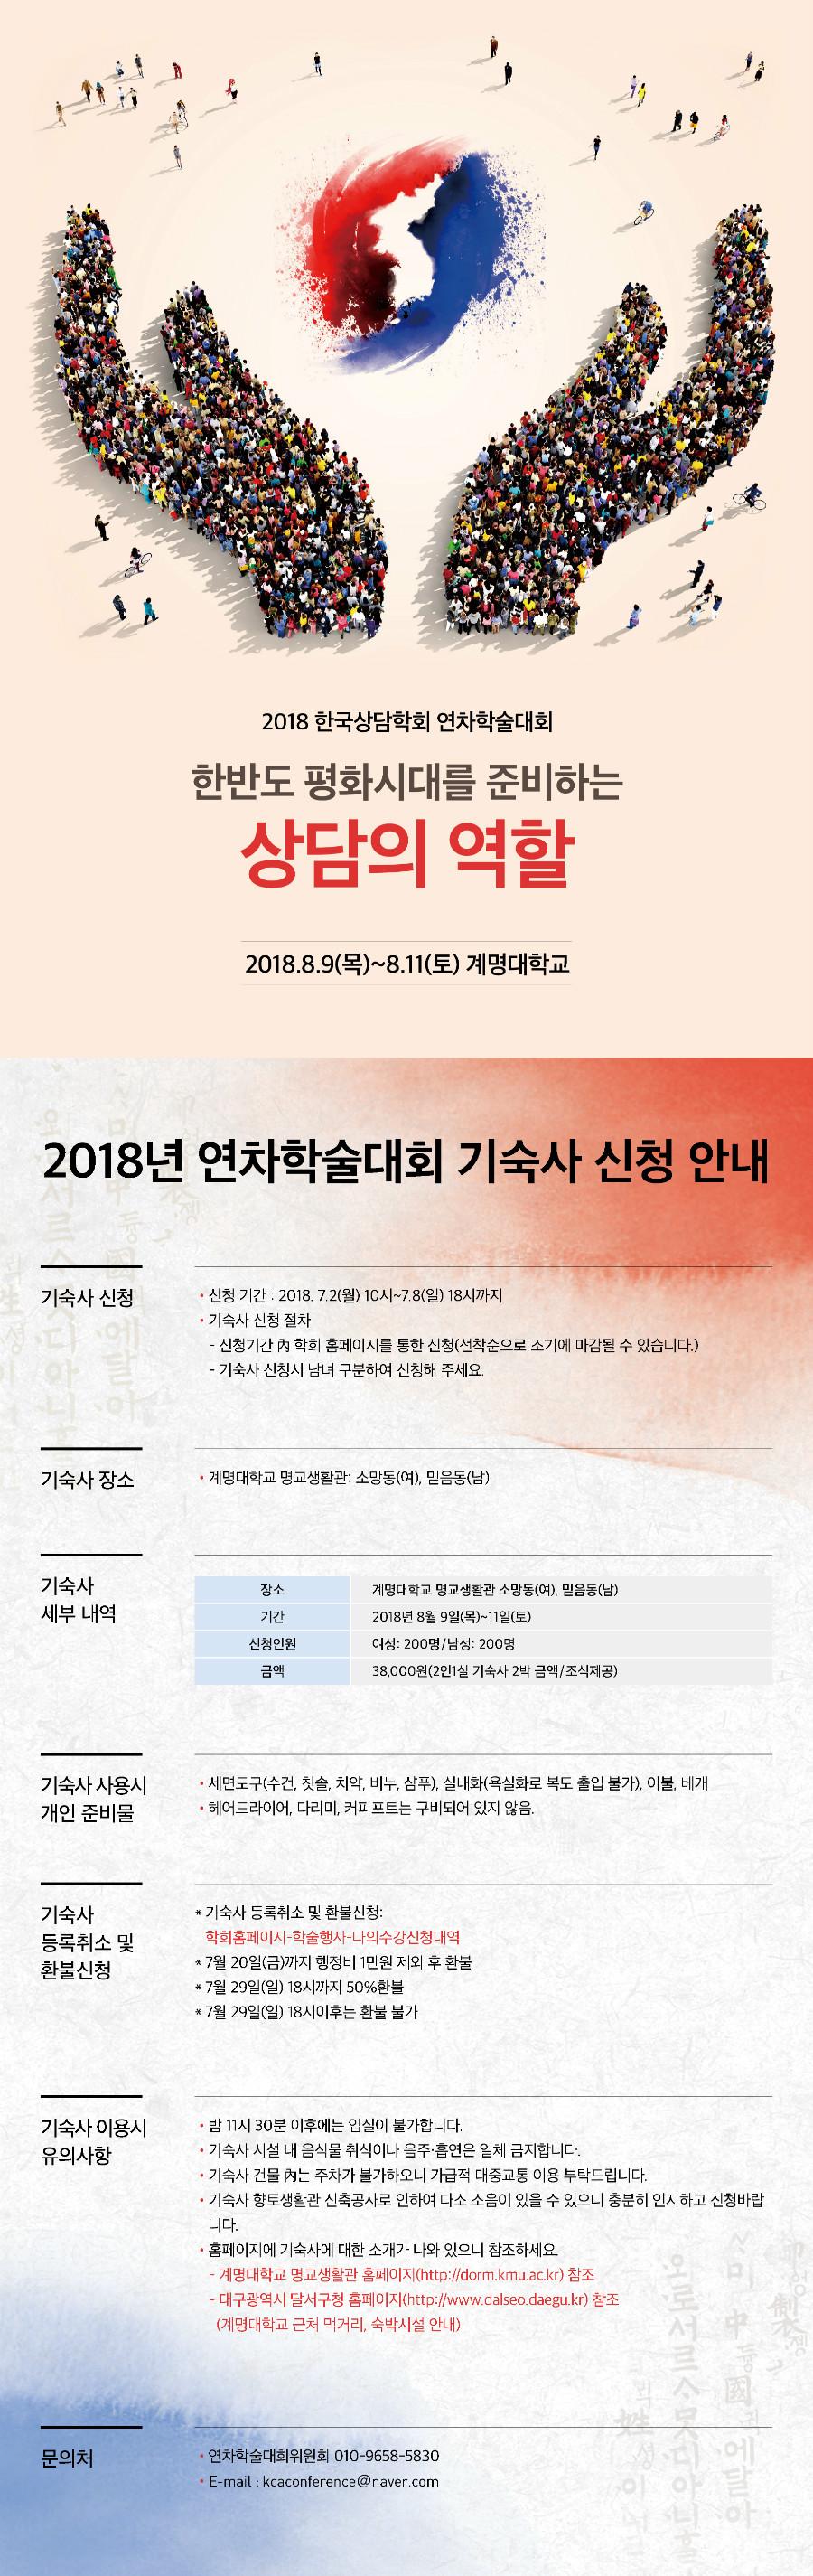 2018한국상담학회연차학술대회_홍보물 03기숙사신청안내.jpg